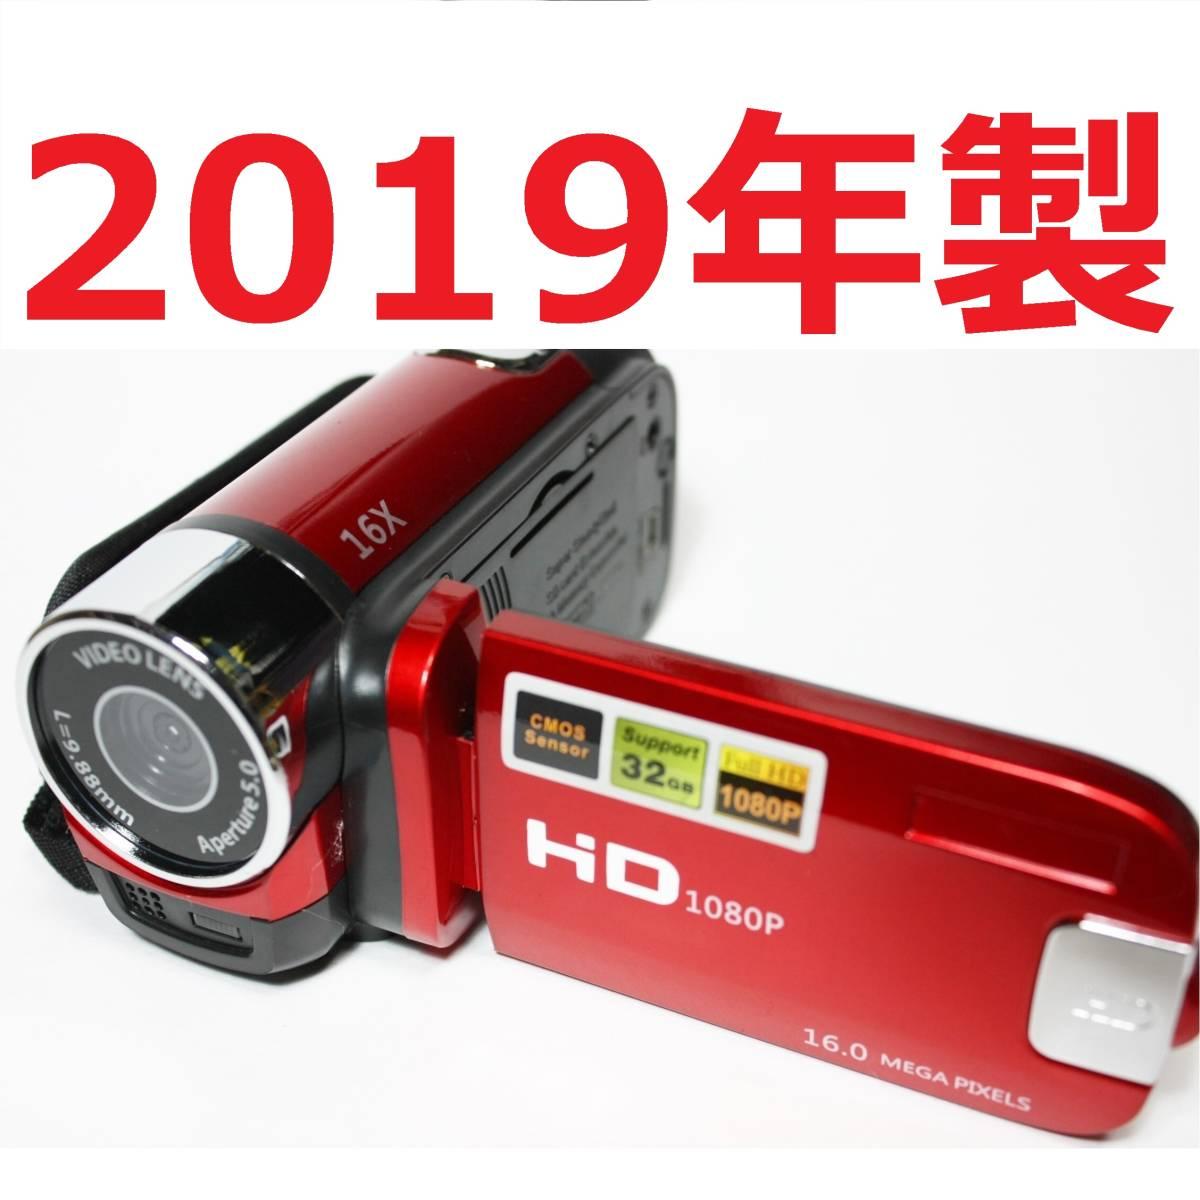 1円 2019年製 新品 未使用 日本語 動作OK 完動品 デジタルビデオカメラ 1080P SDカード パソコン 日本語説明書付 b